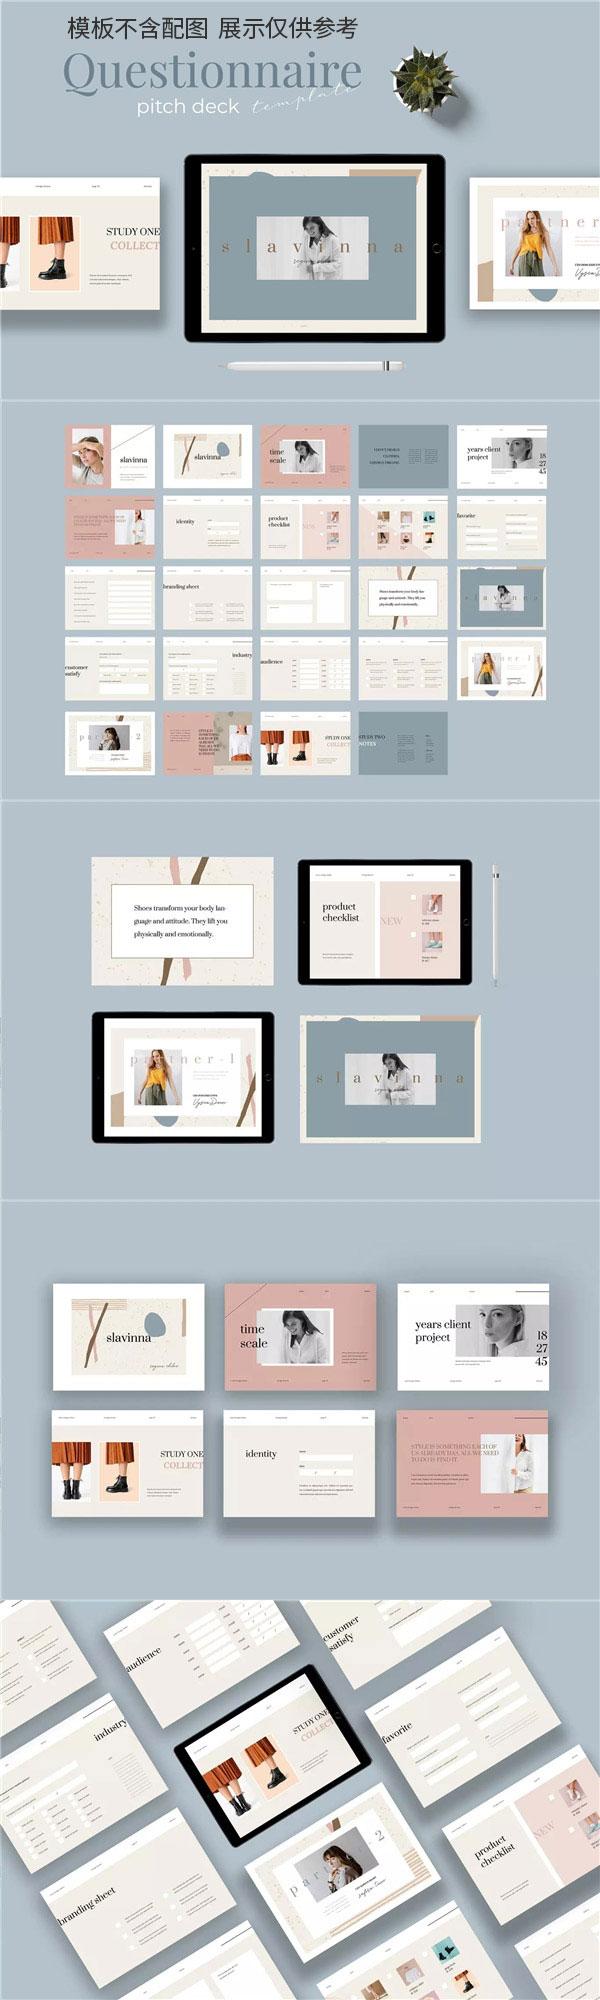 优雅品牌手册模板